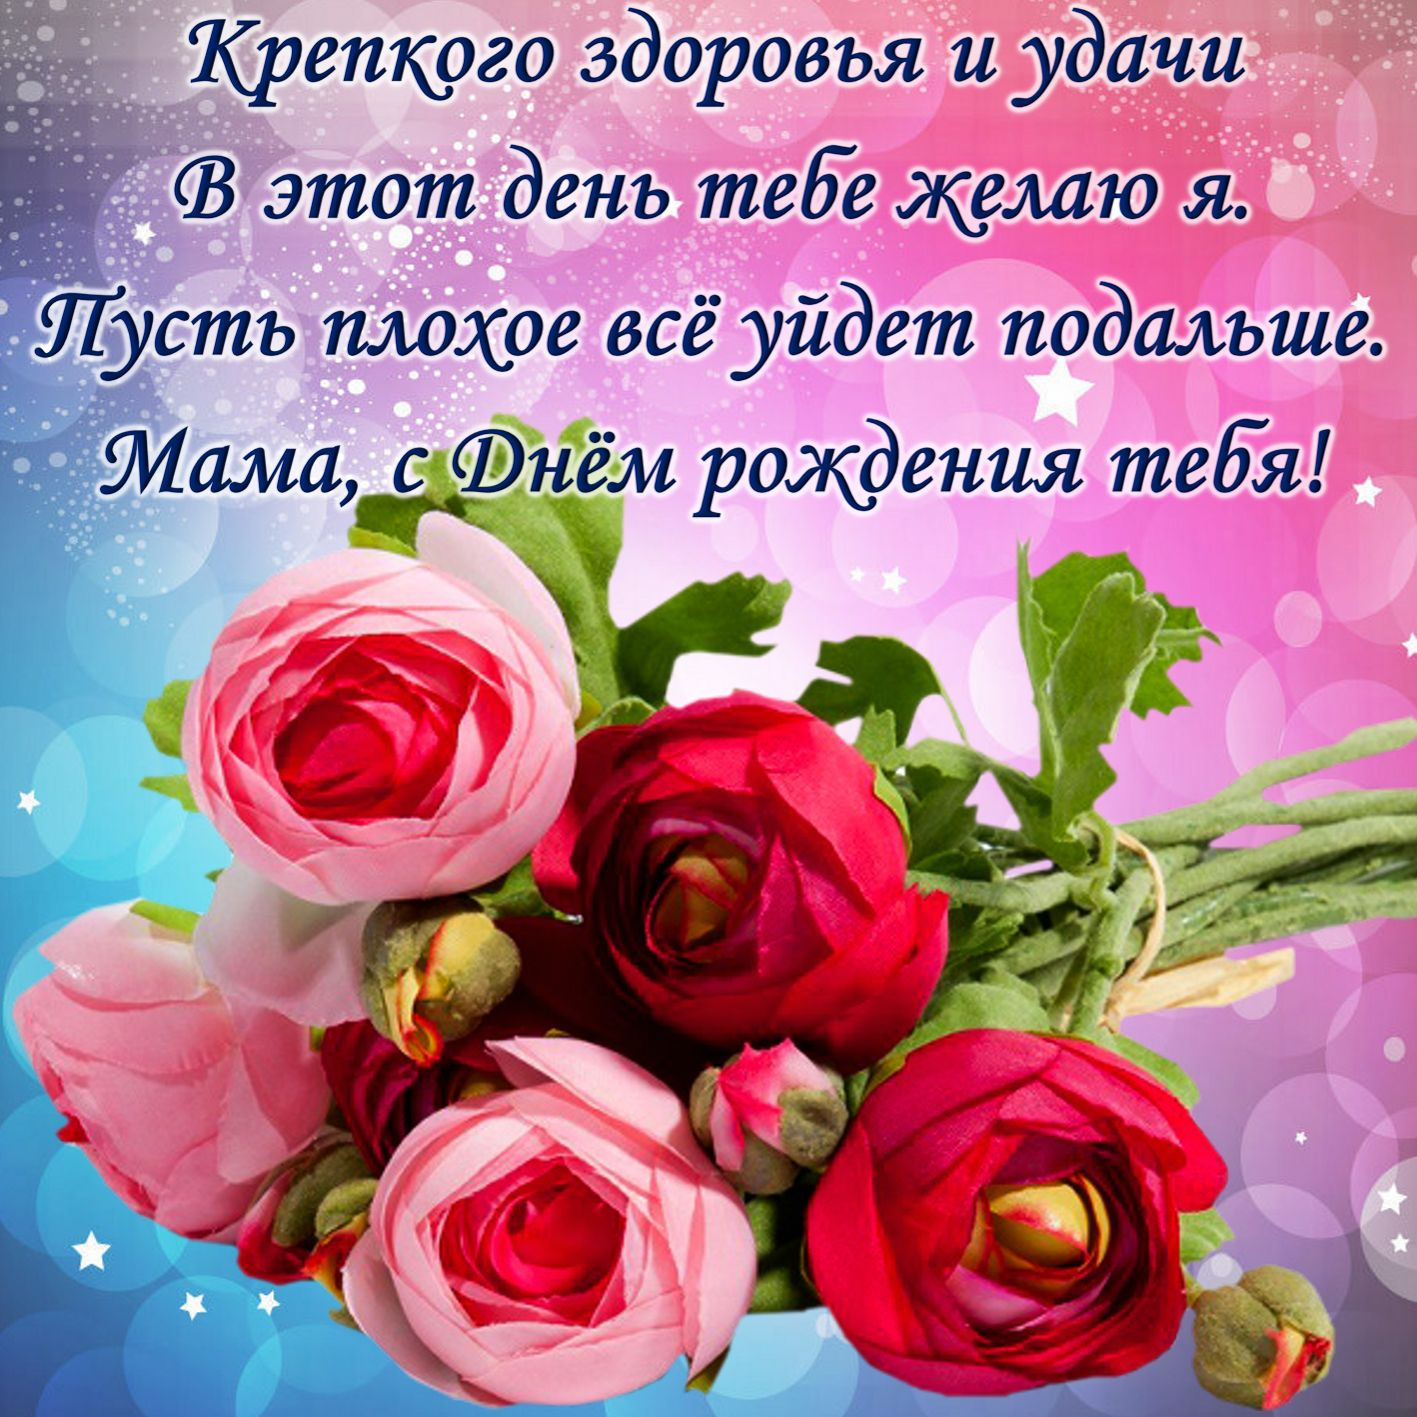 Открытка с Днём рождения маме - пожелание и цветы на блестящем фоне